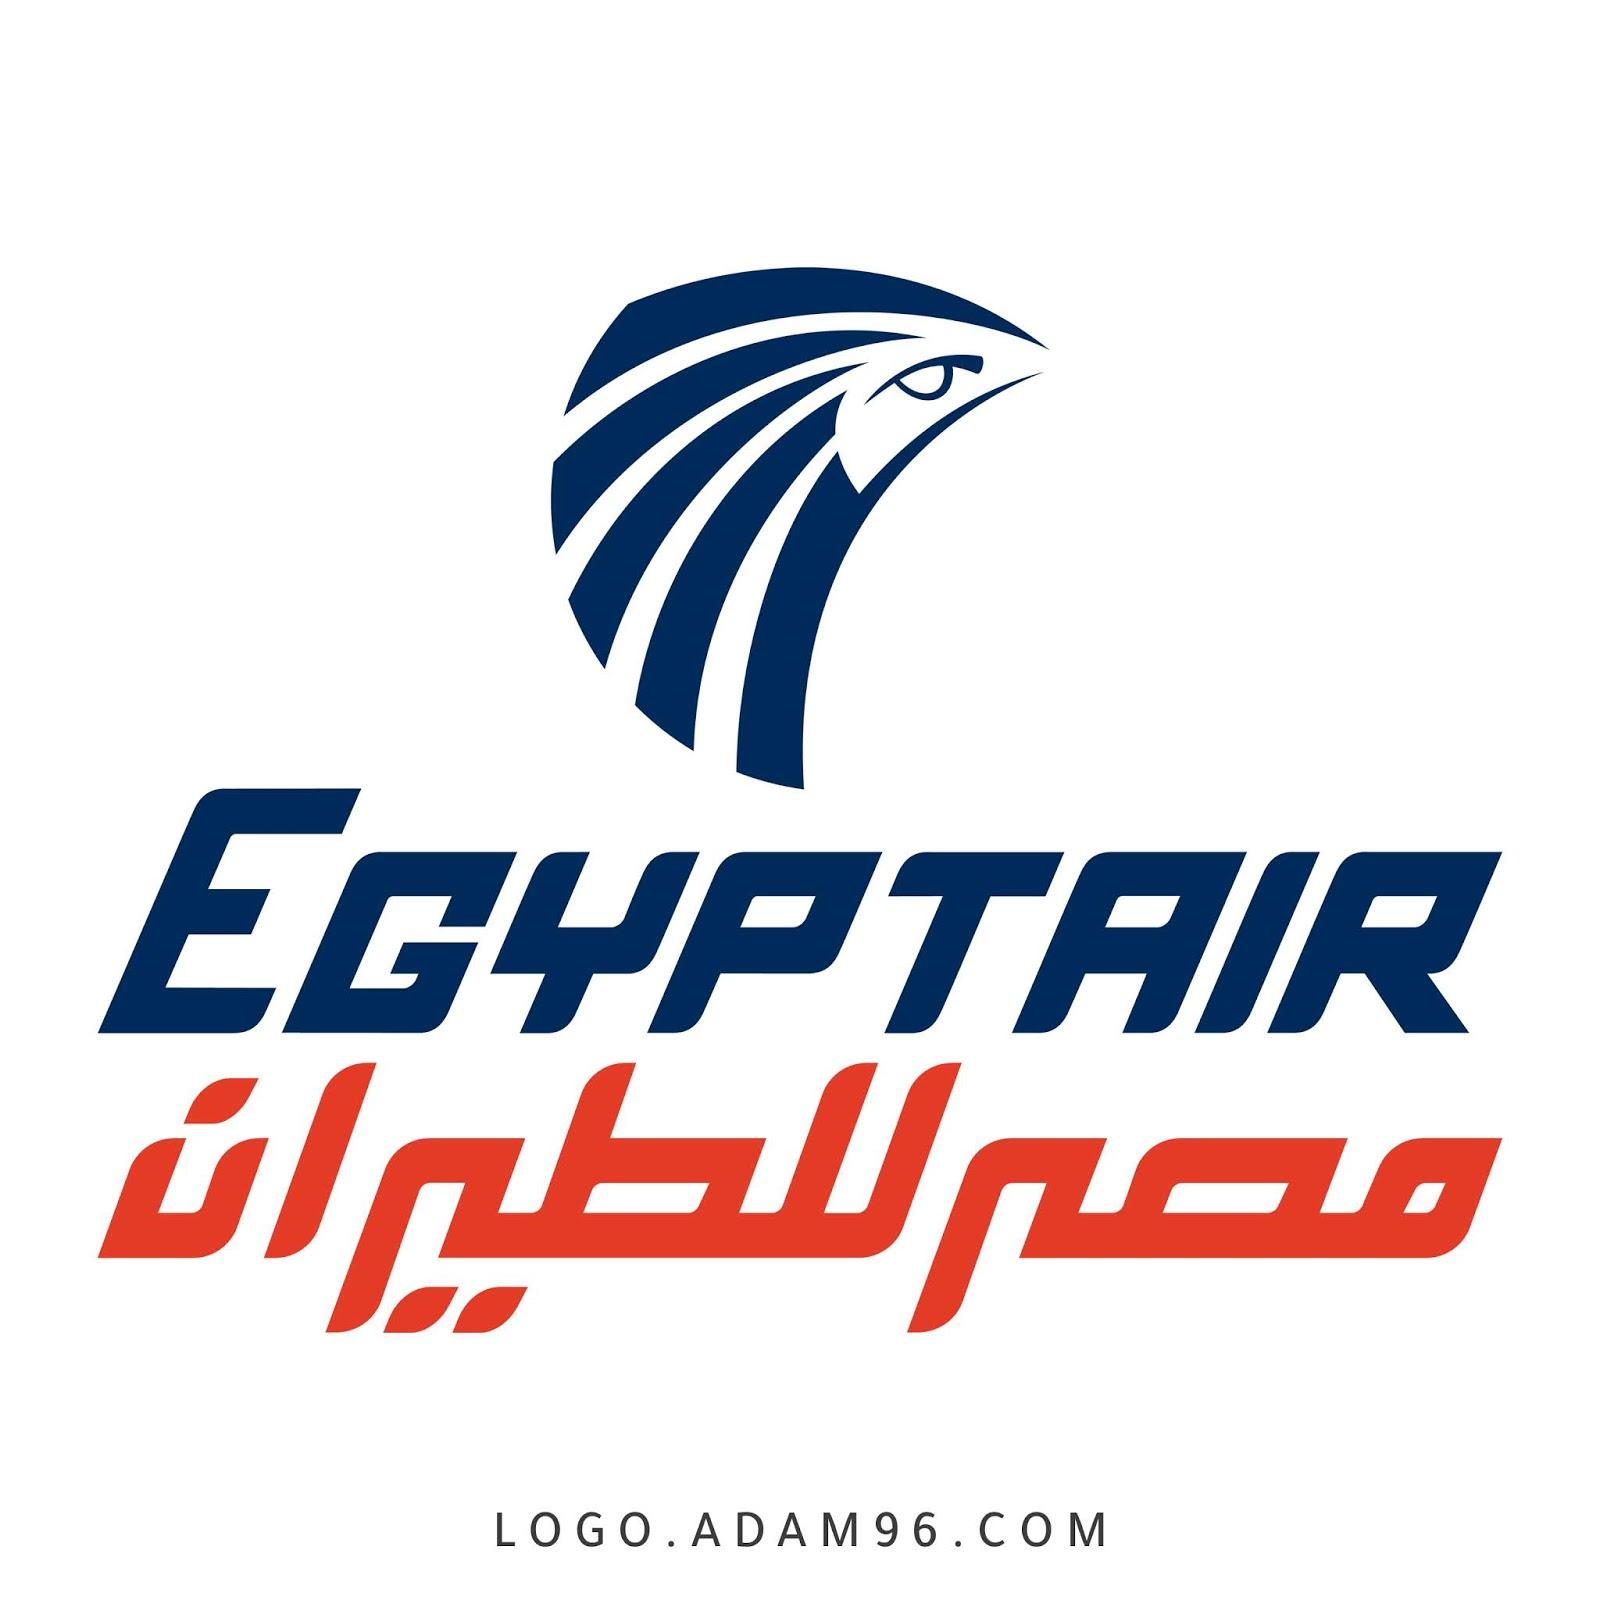 تحميل شعار الخطوط الجوية المصرية - مصر للطيران PNG